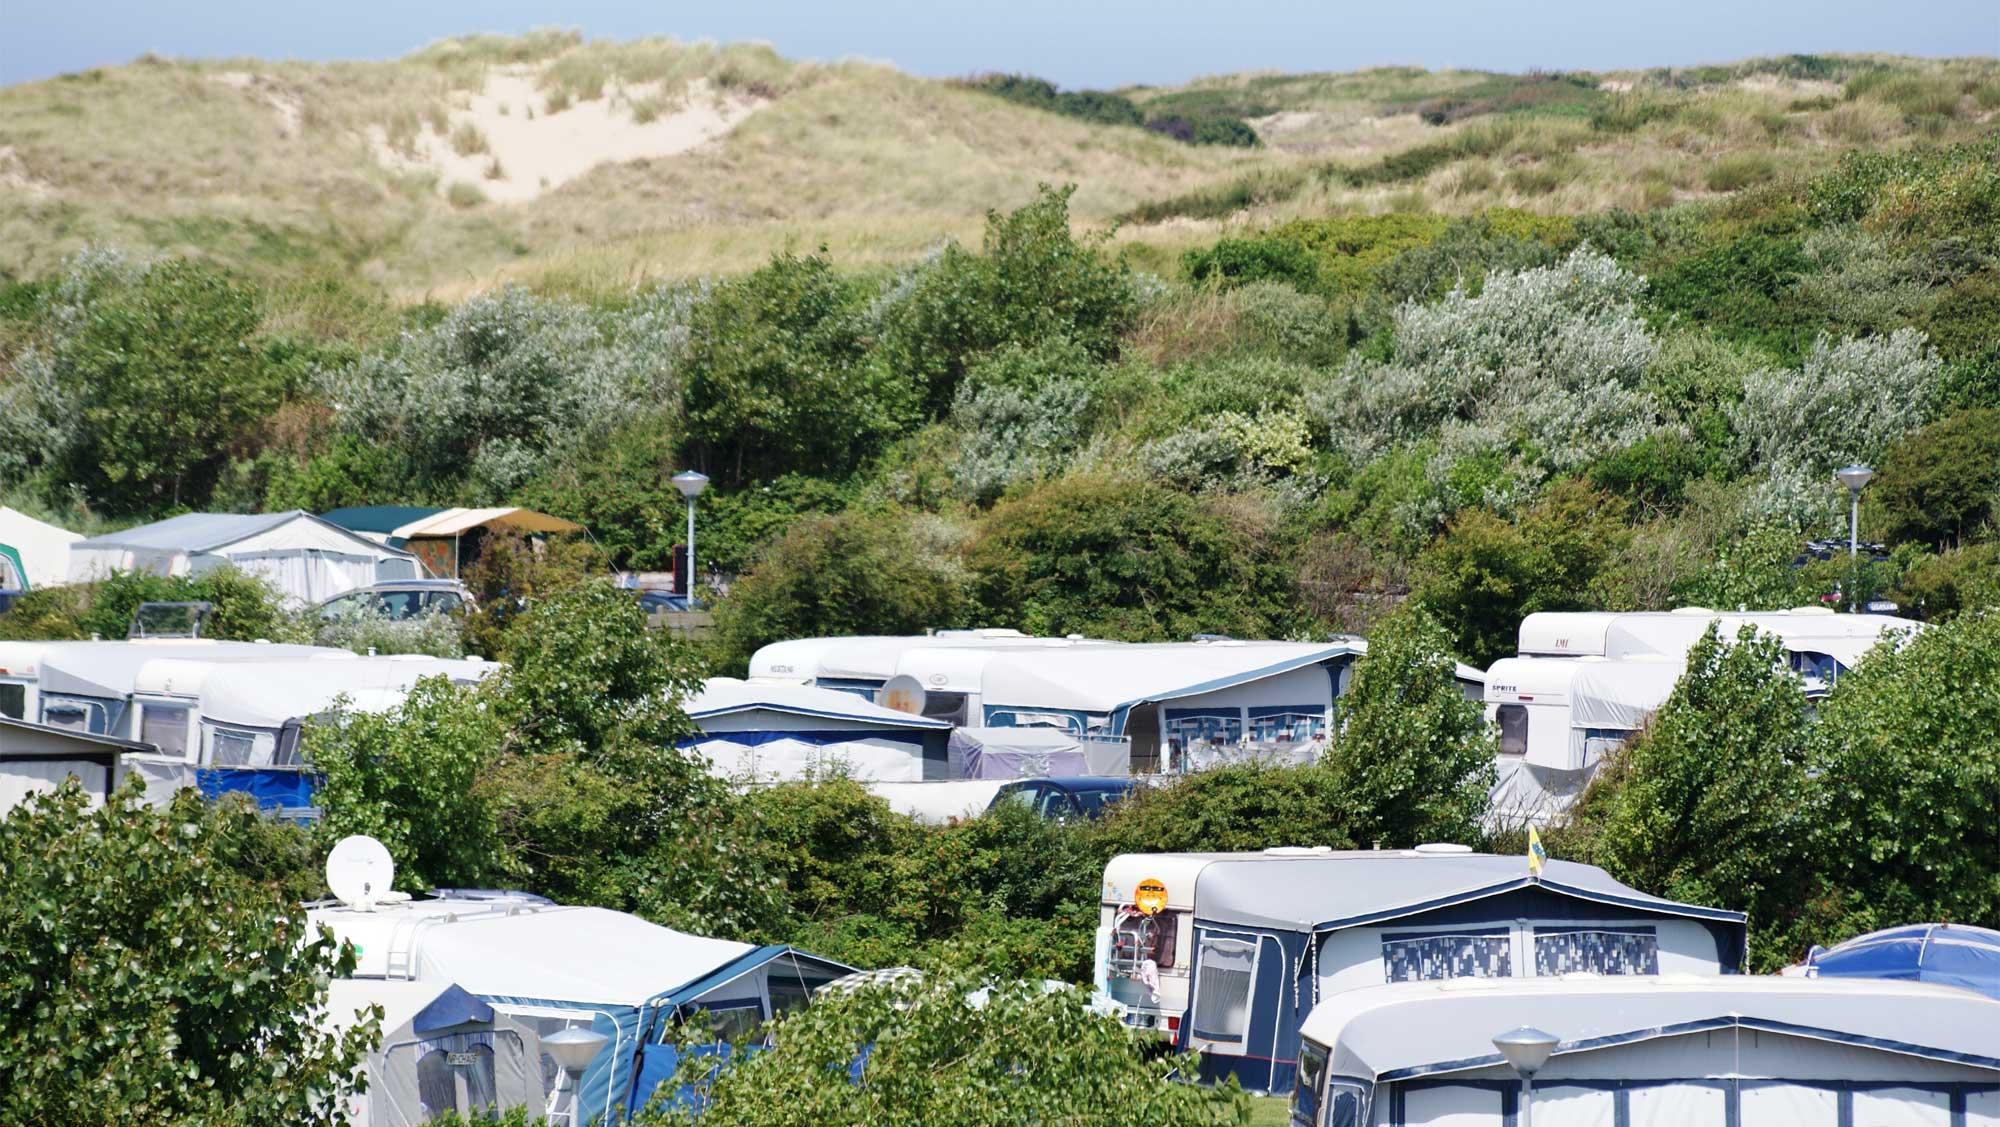 Seizoenplaats kamperen Molecaten Park Noordduinen 01